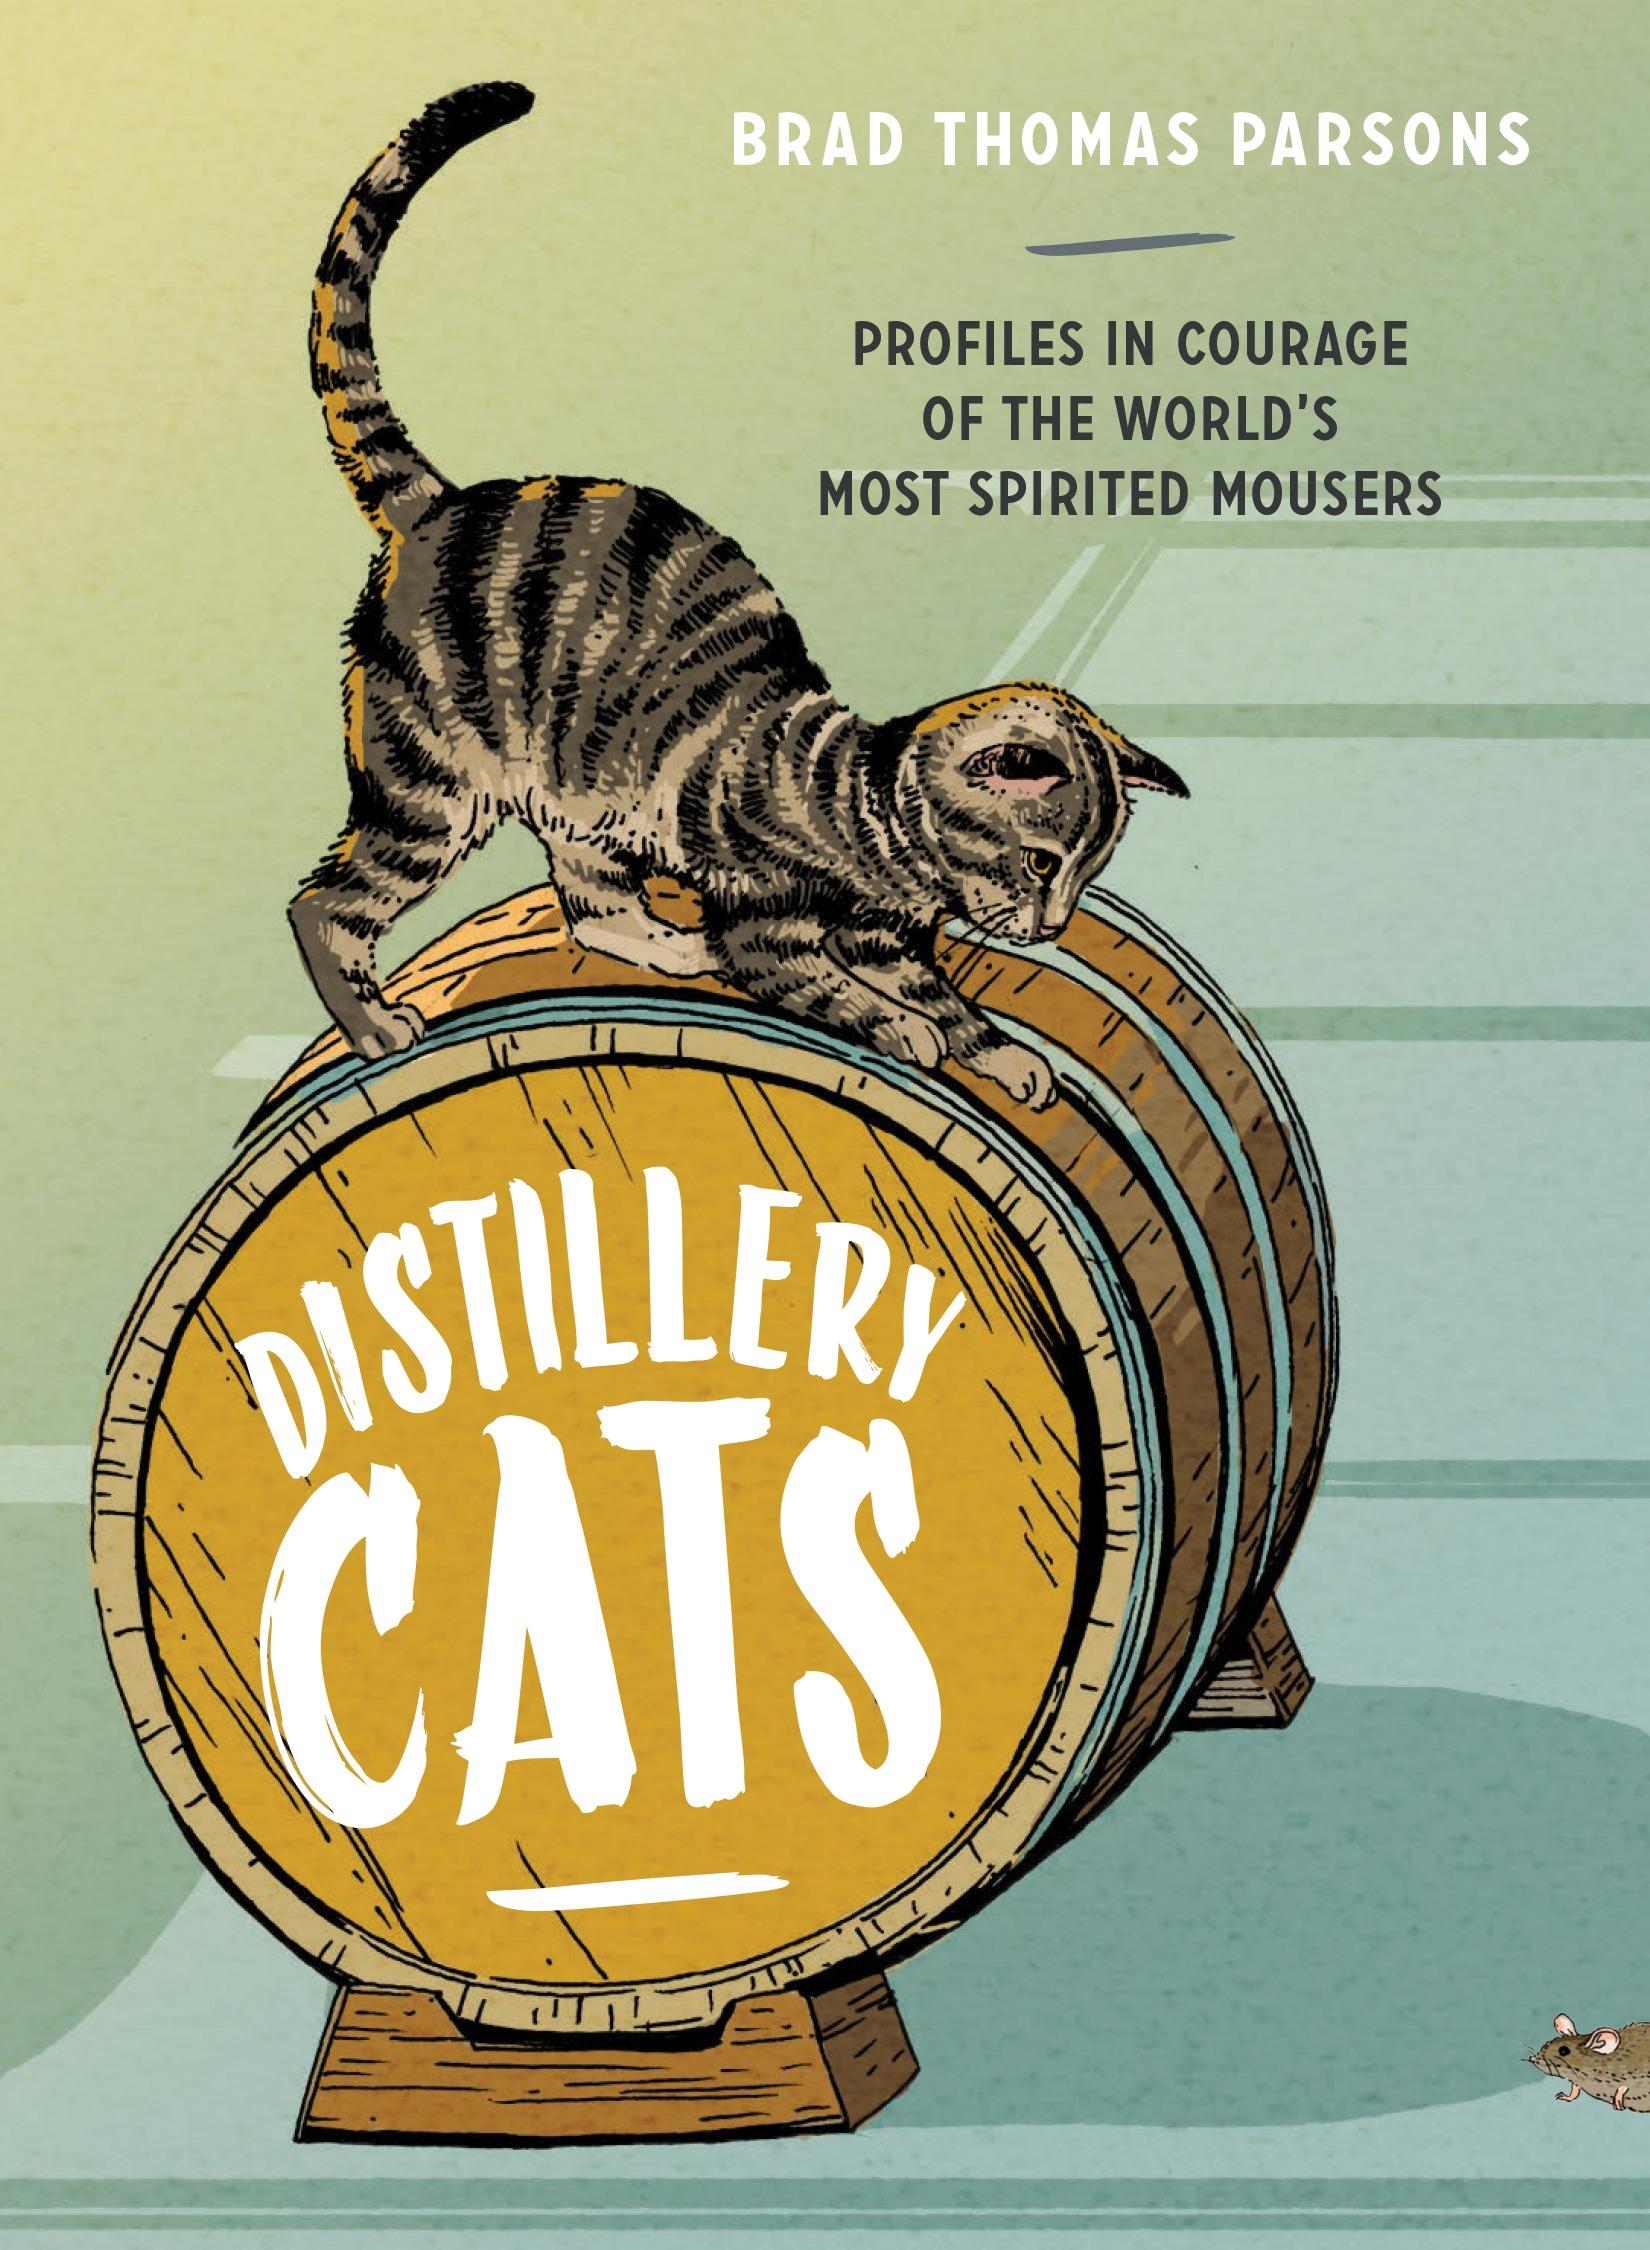 Distillery-Cats